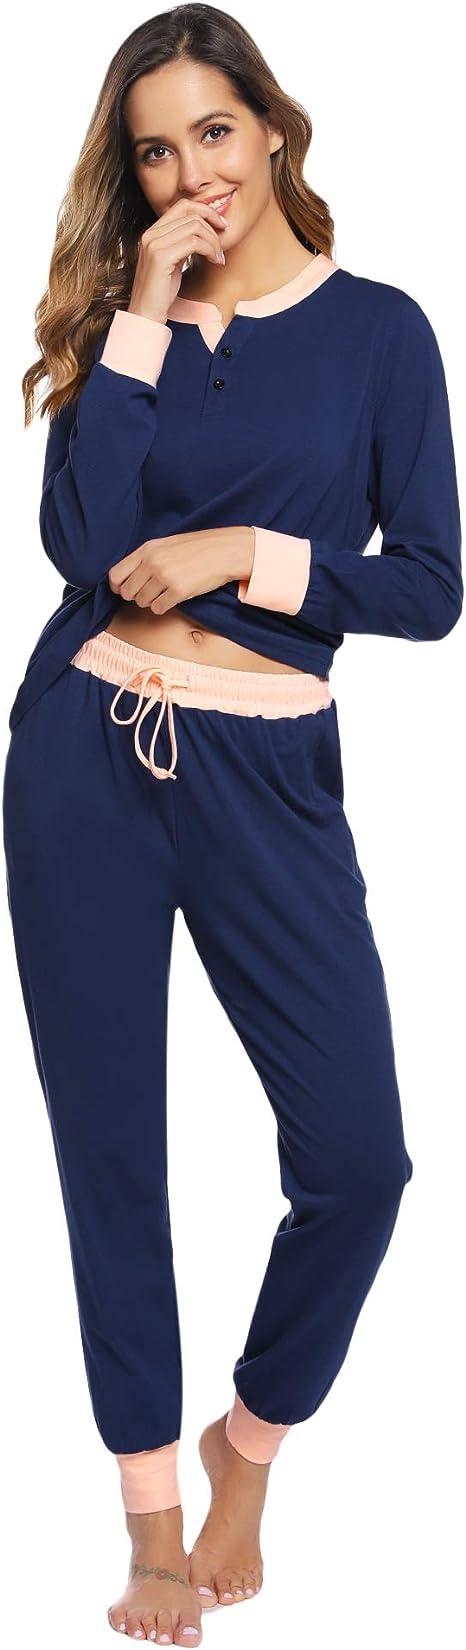 Hawiton Pijamas Mujer Invierno Manga Larga Conjunto de Pijama para Mujer Algodón Pantalones Largo Ropa de Casa Dos Piezas: Amazon.es: Ropa y accesorios